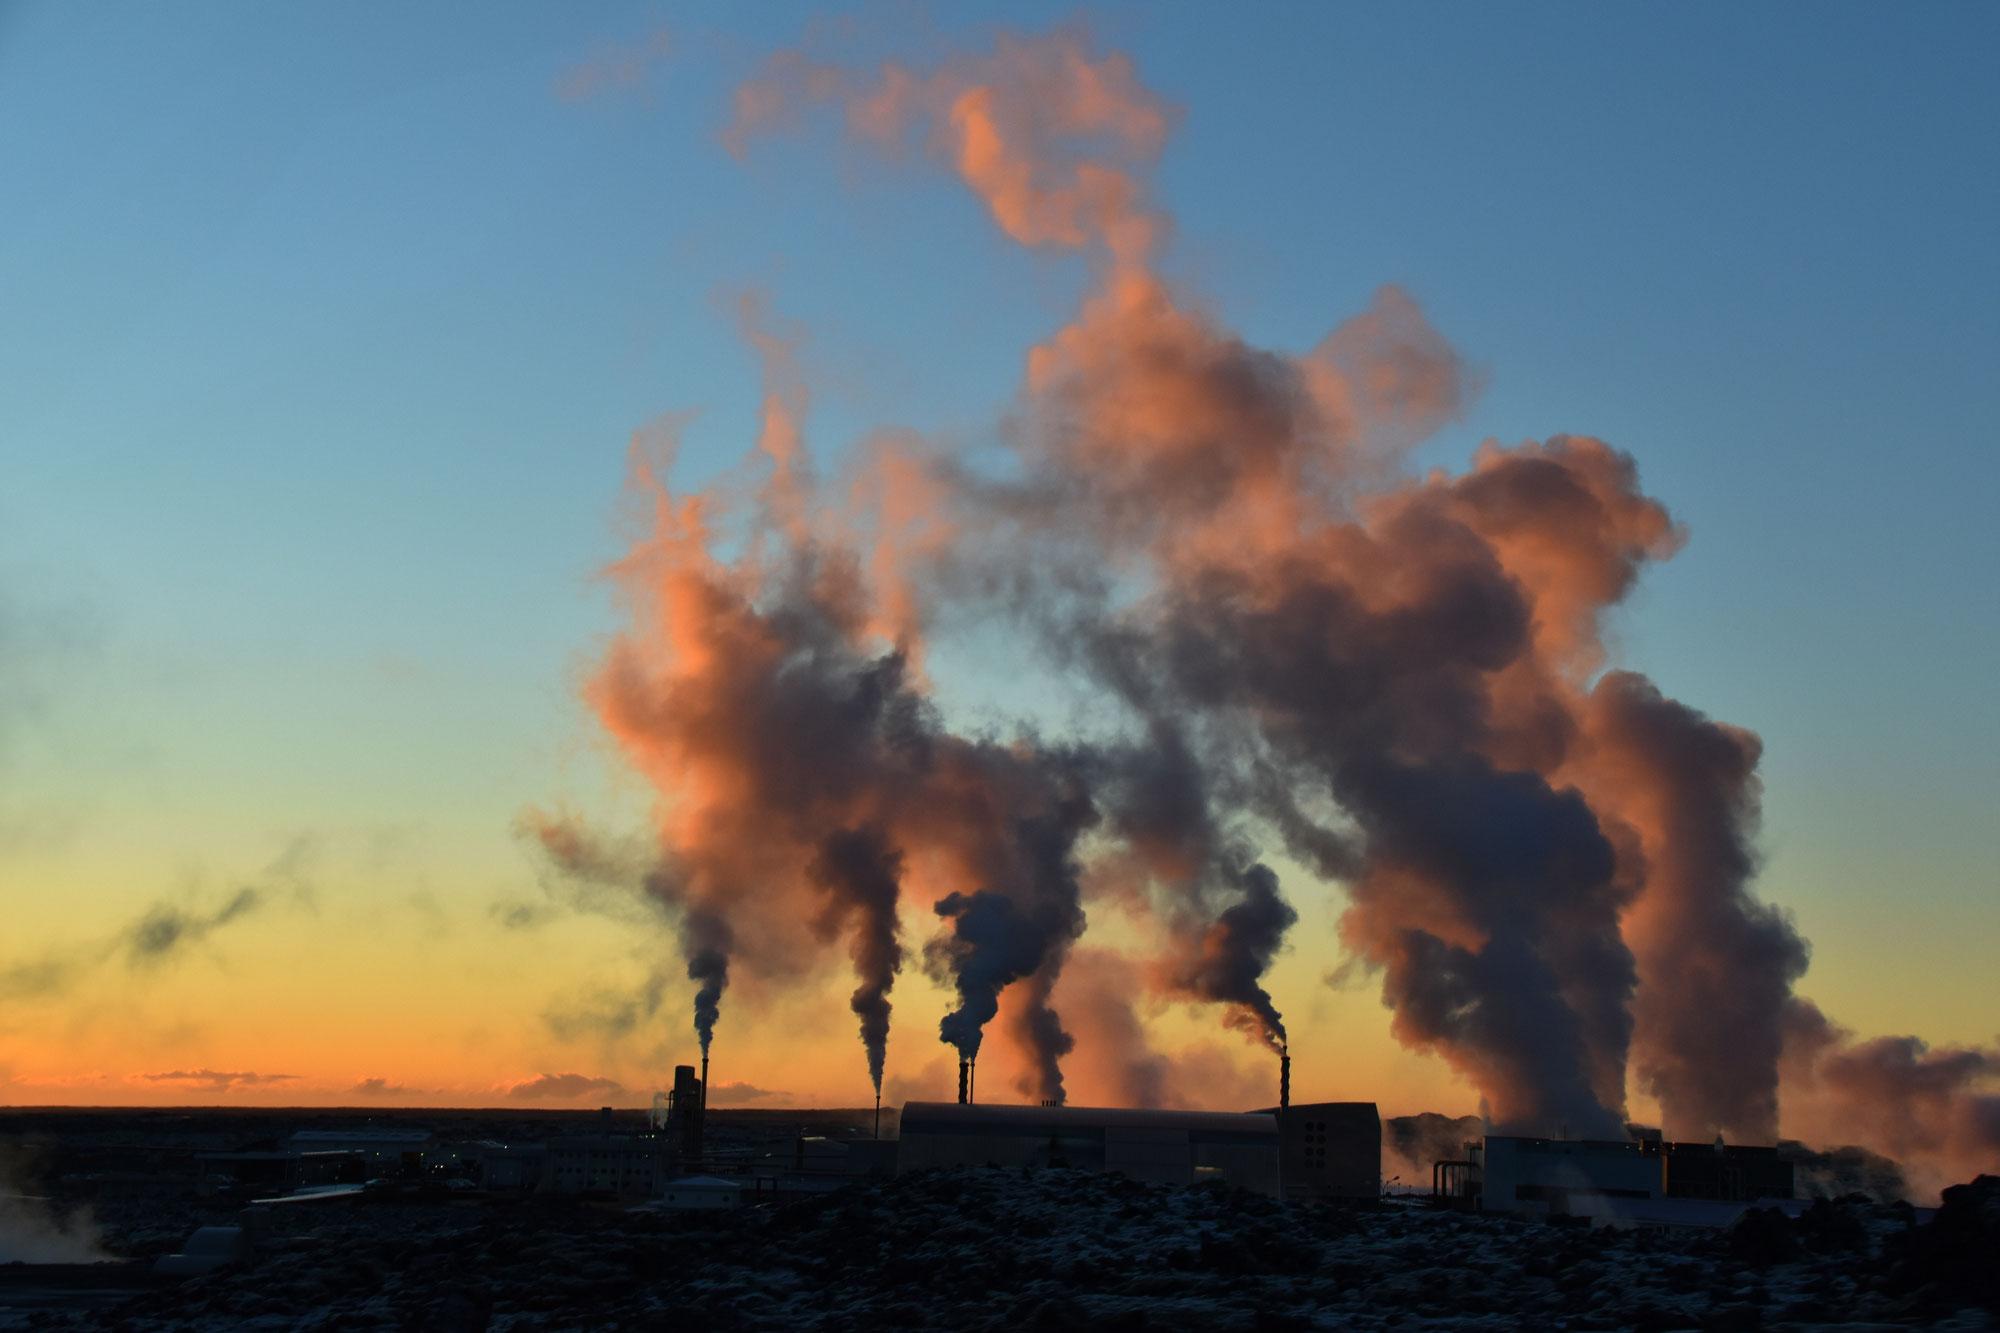 Europäische Umweltagentur: Starker Rückgang von Treibhausgasemissionen im Vor-Pandemiejahr 2019